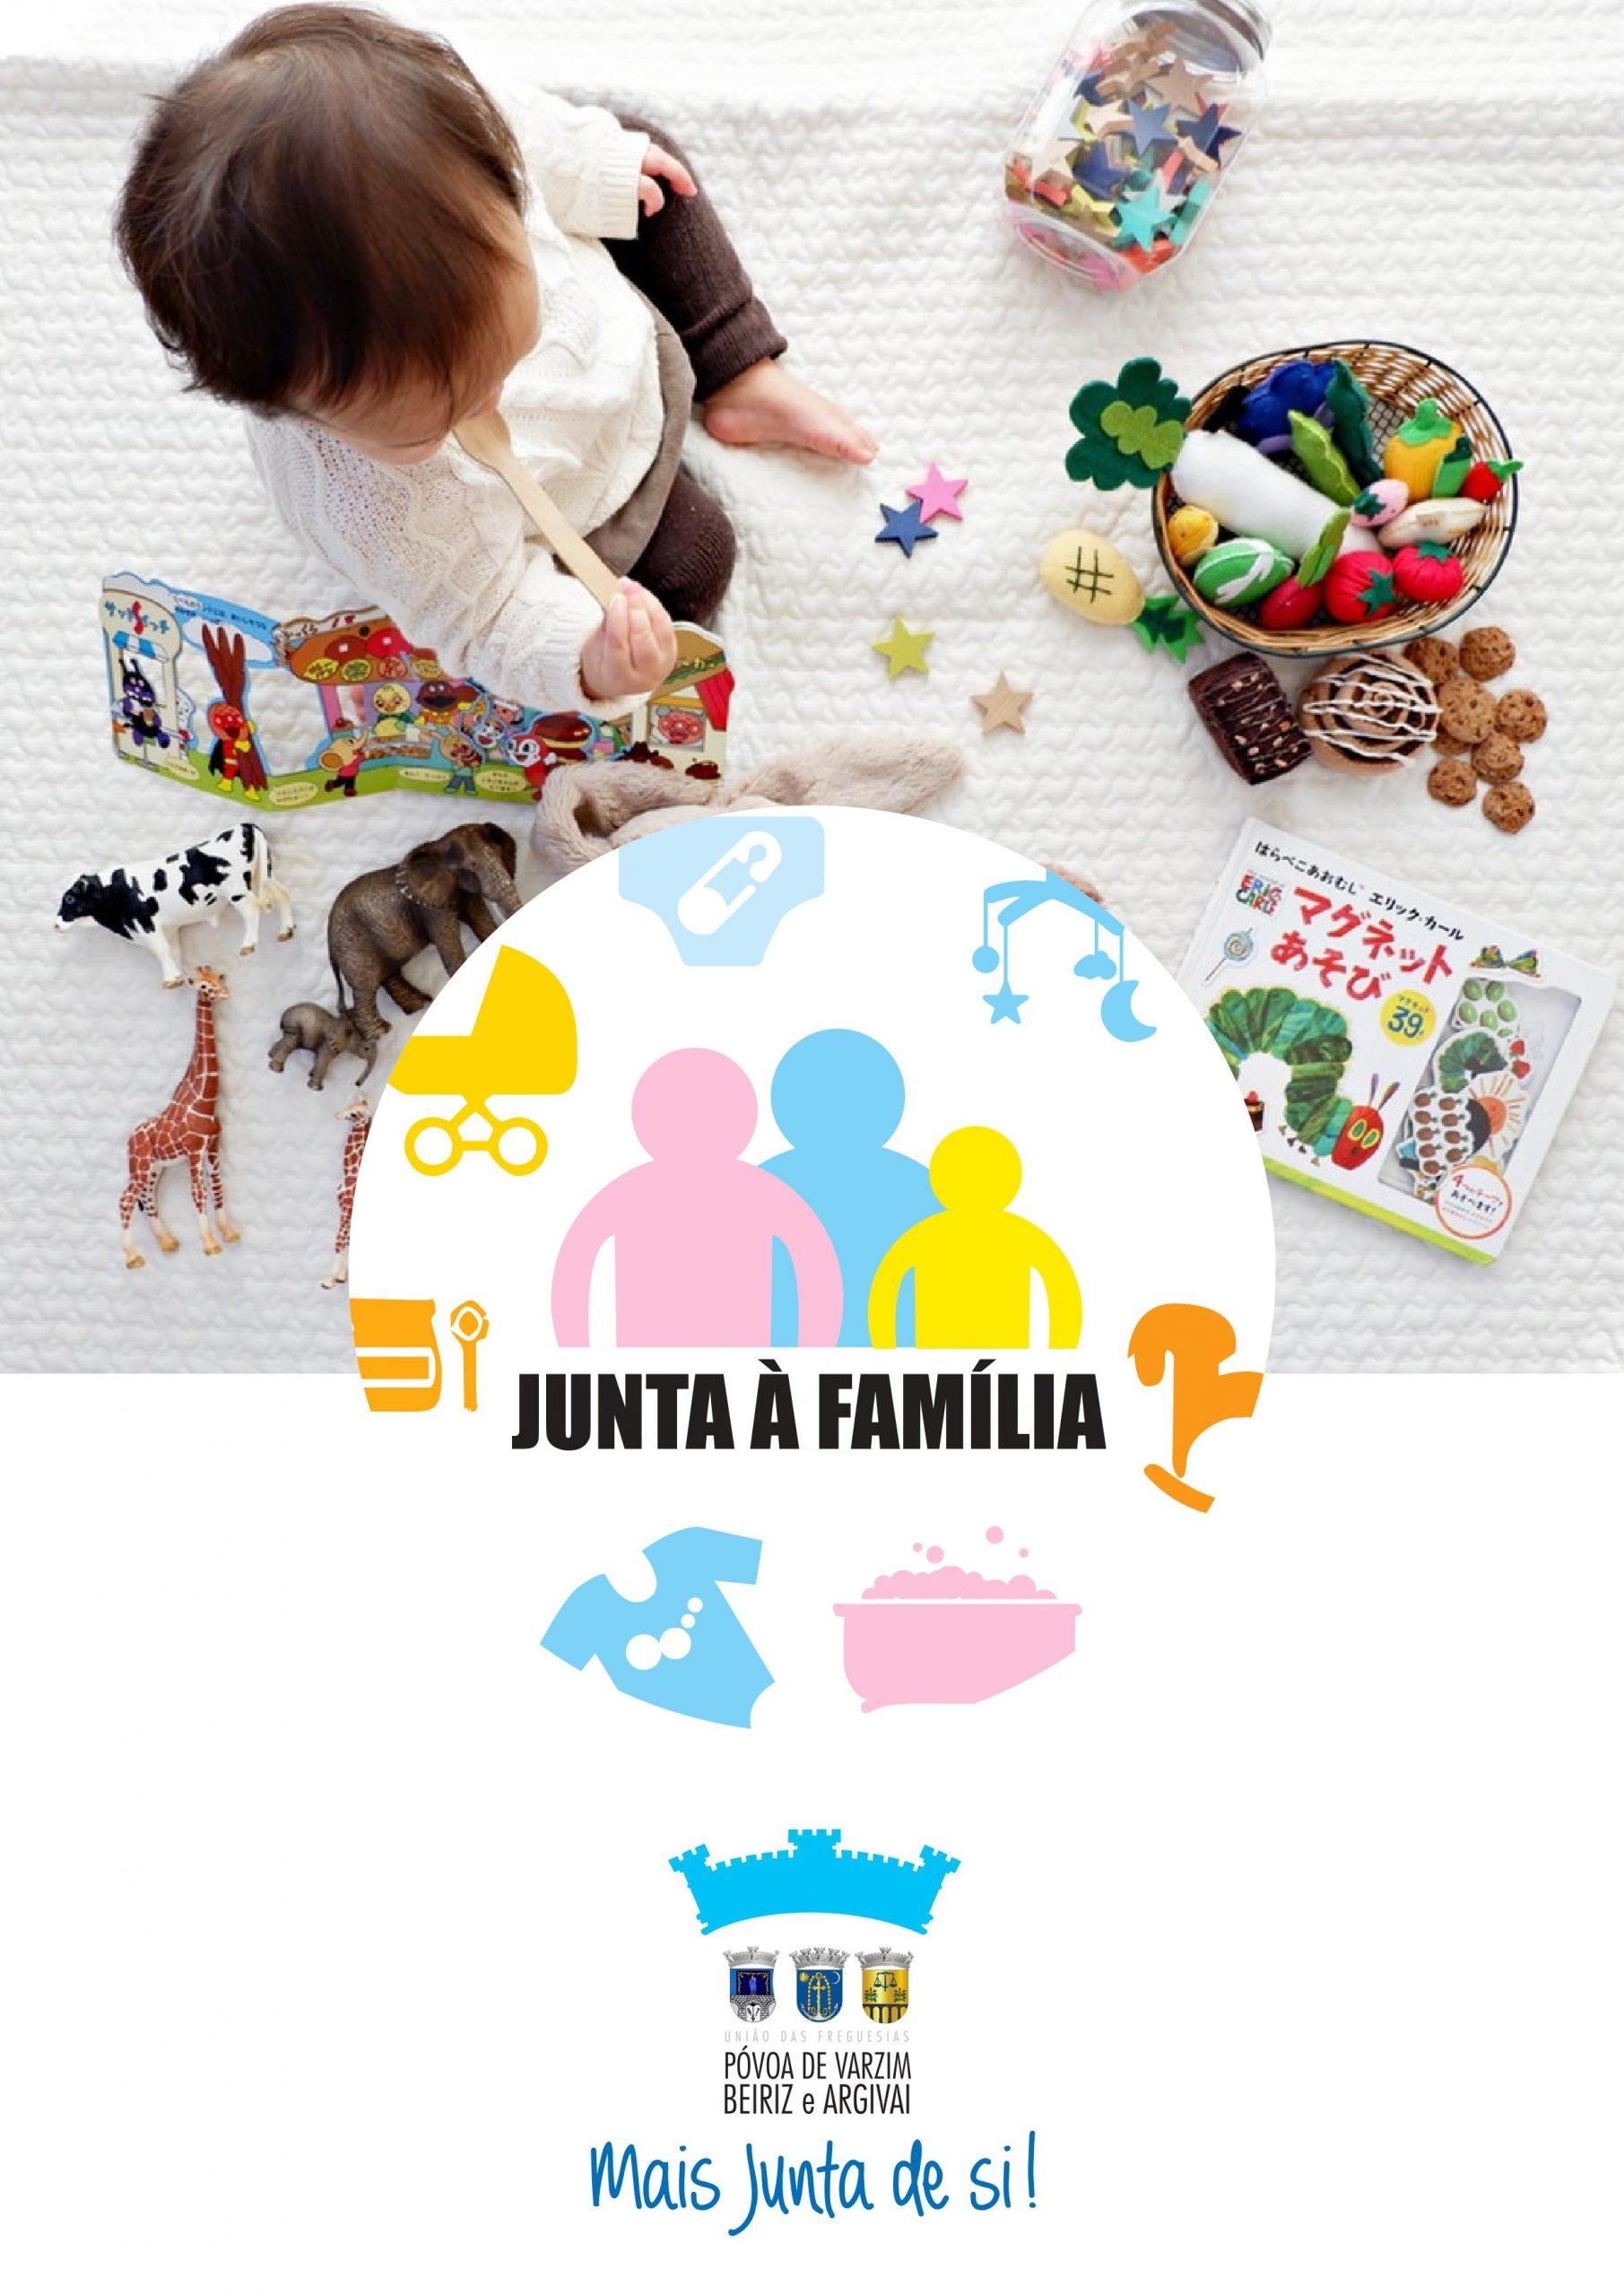 Junta à Família